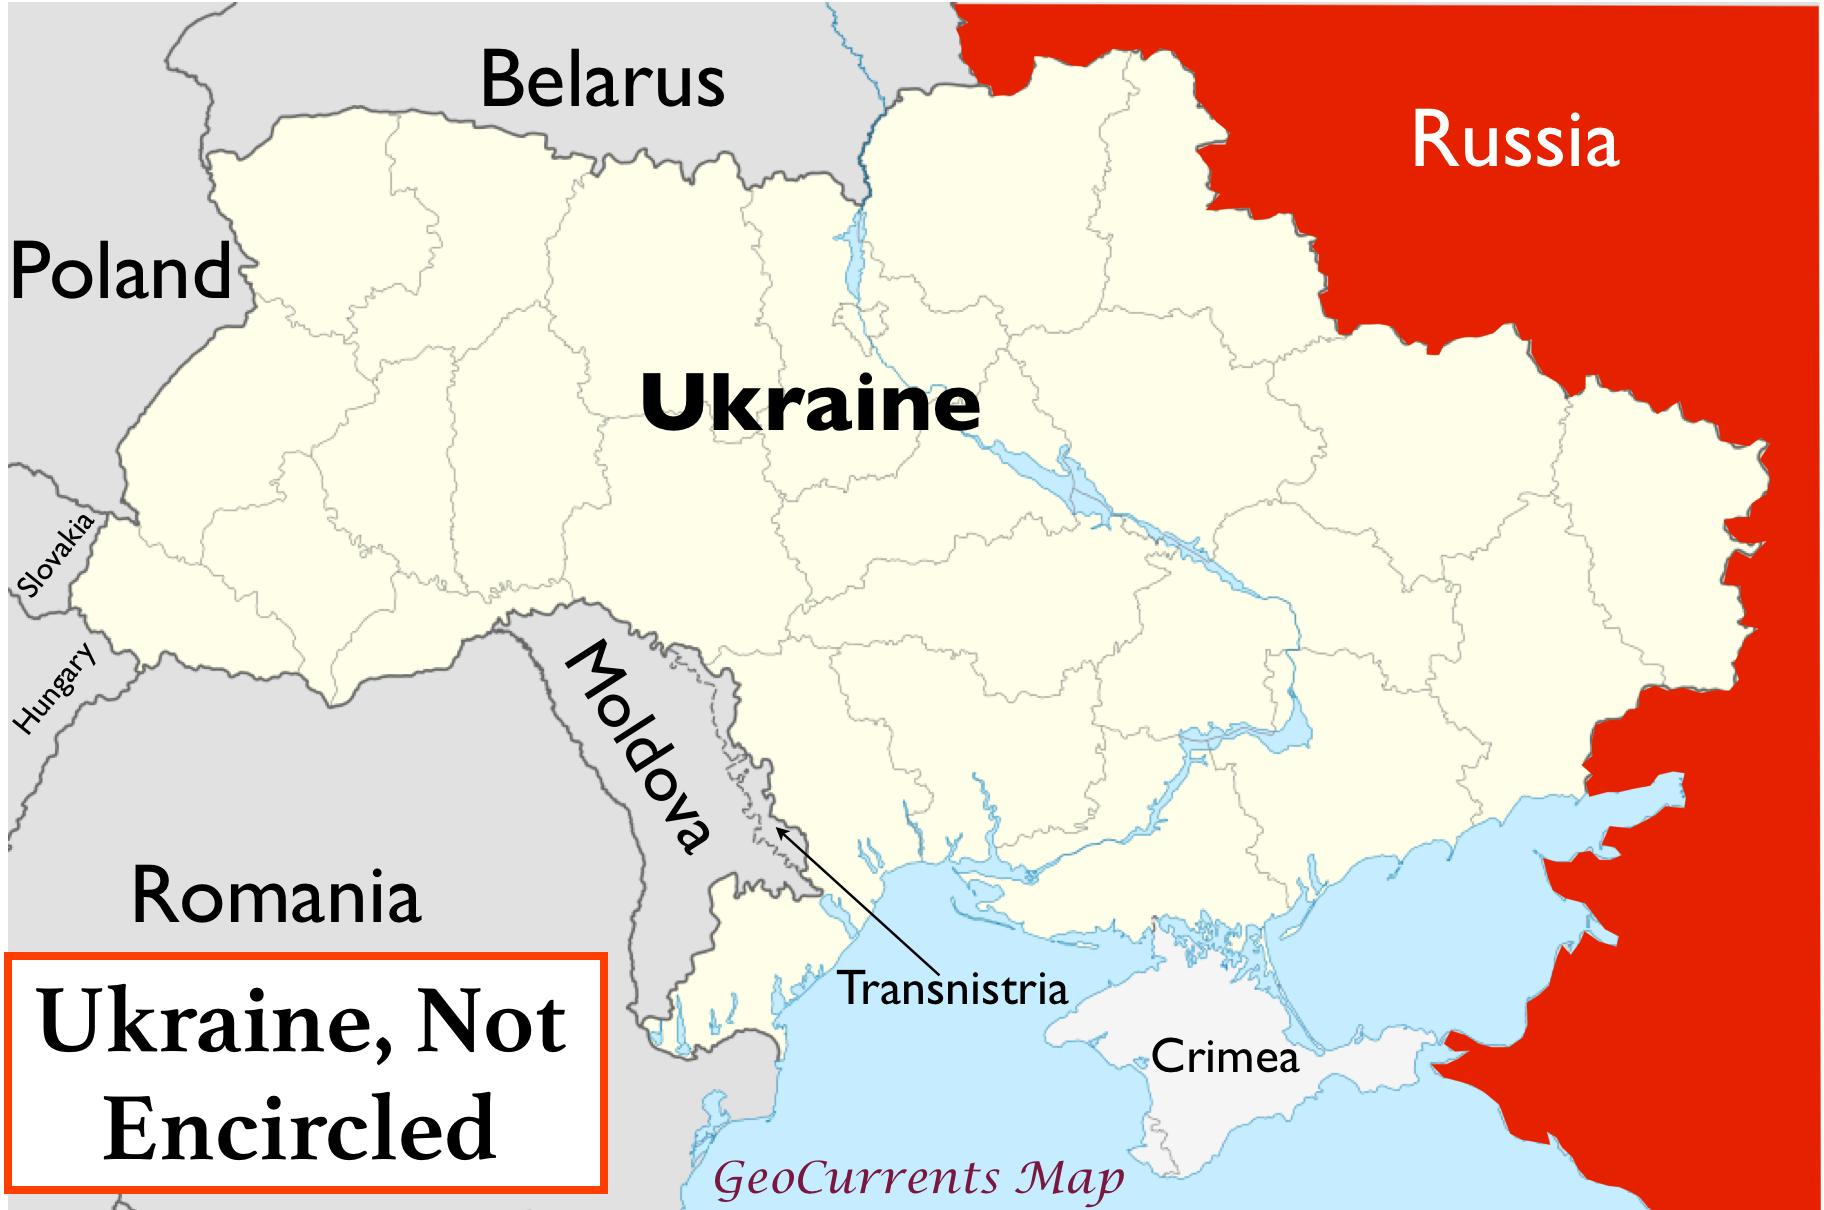 Map Of Ukraine And Russia Russian Envelopment? Ukraine's Geopolitical Complexities